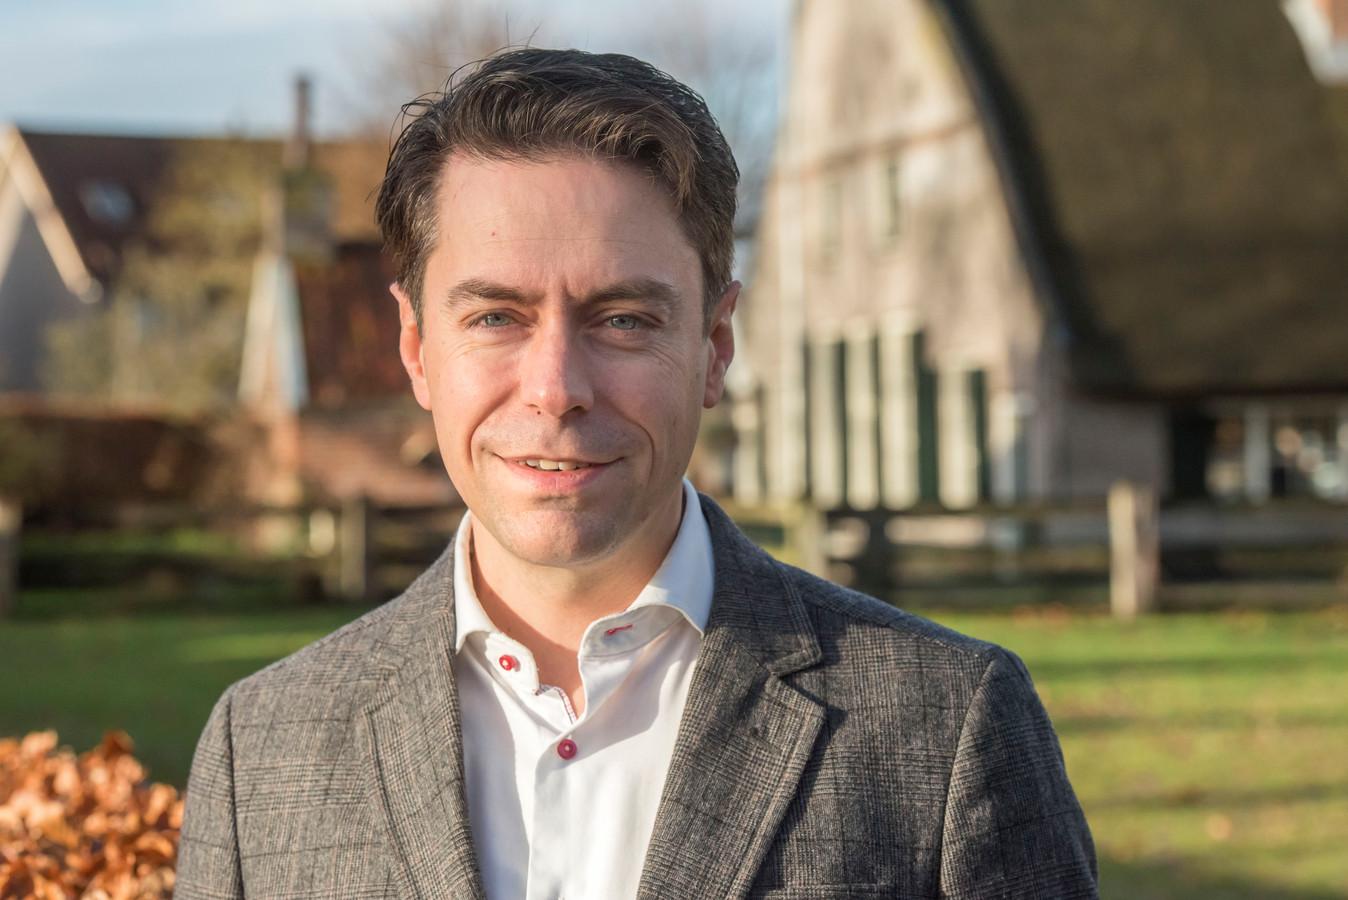 Chris Stoffer uit Elspeet is Kamerlid namens de SGP en ondertekende de Akte van Oost. Hij is de nummer twee van de SGP-lijst.